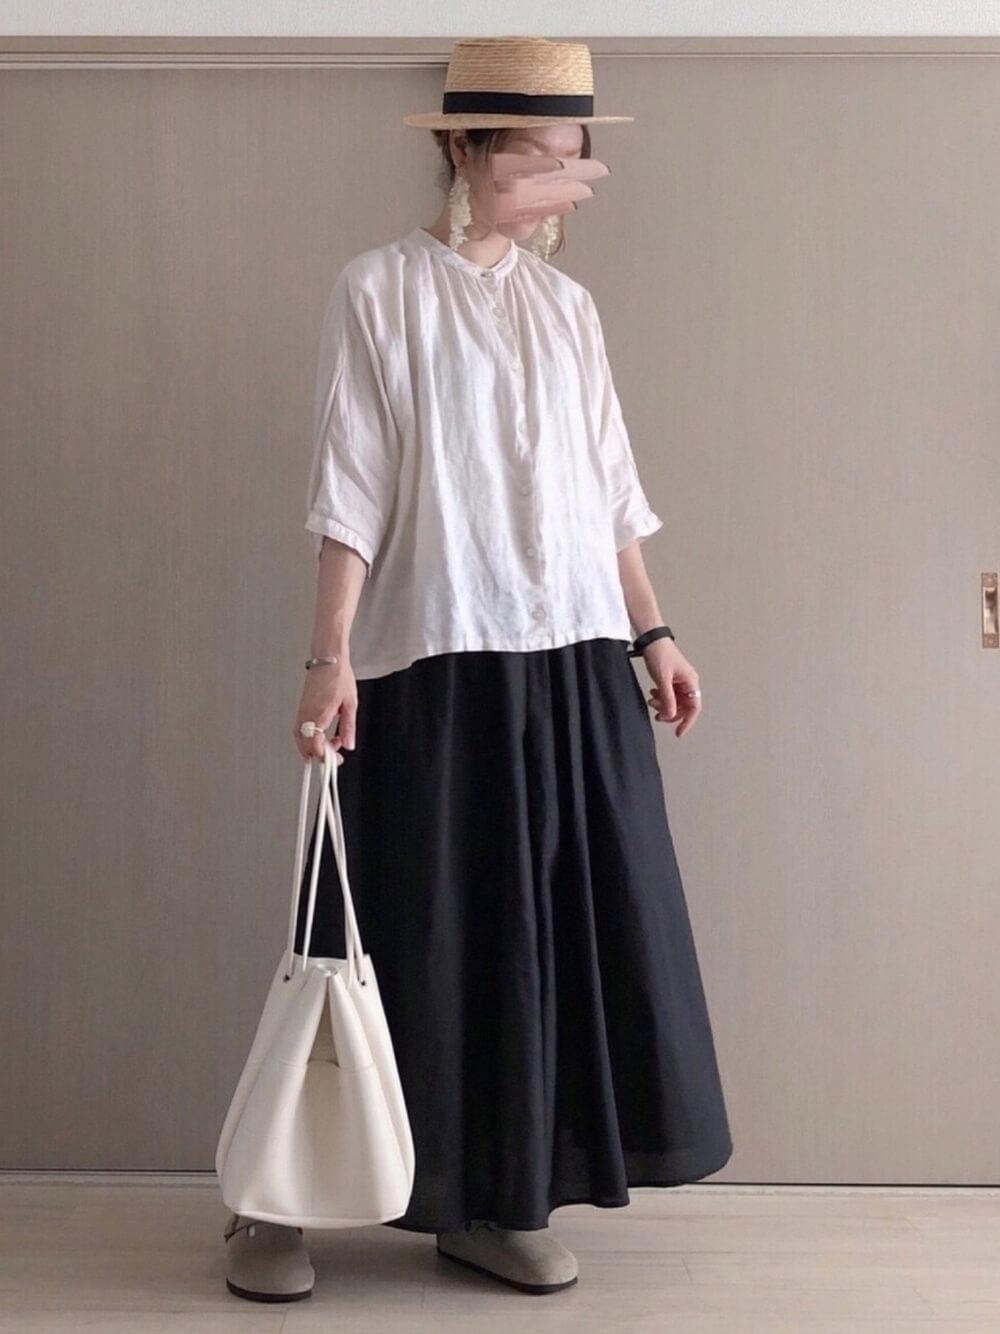 カンカン帽×白のブラウス×黒のスカート×ベージュのサンダル